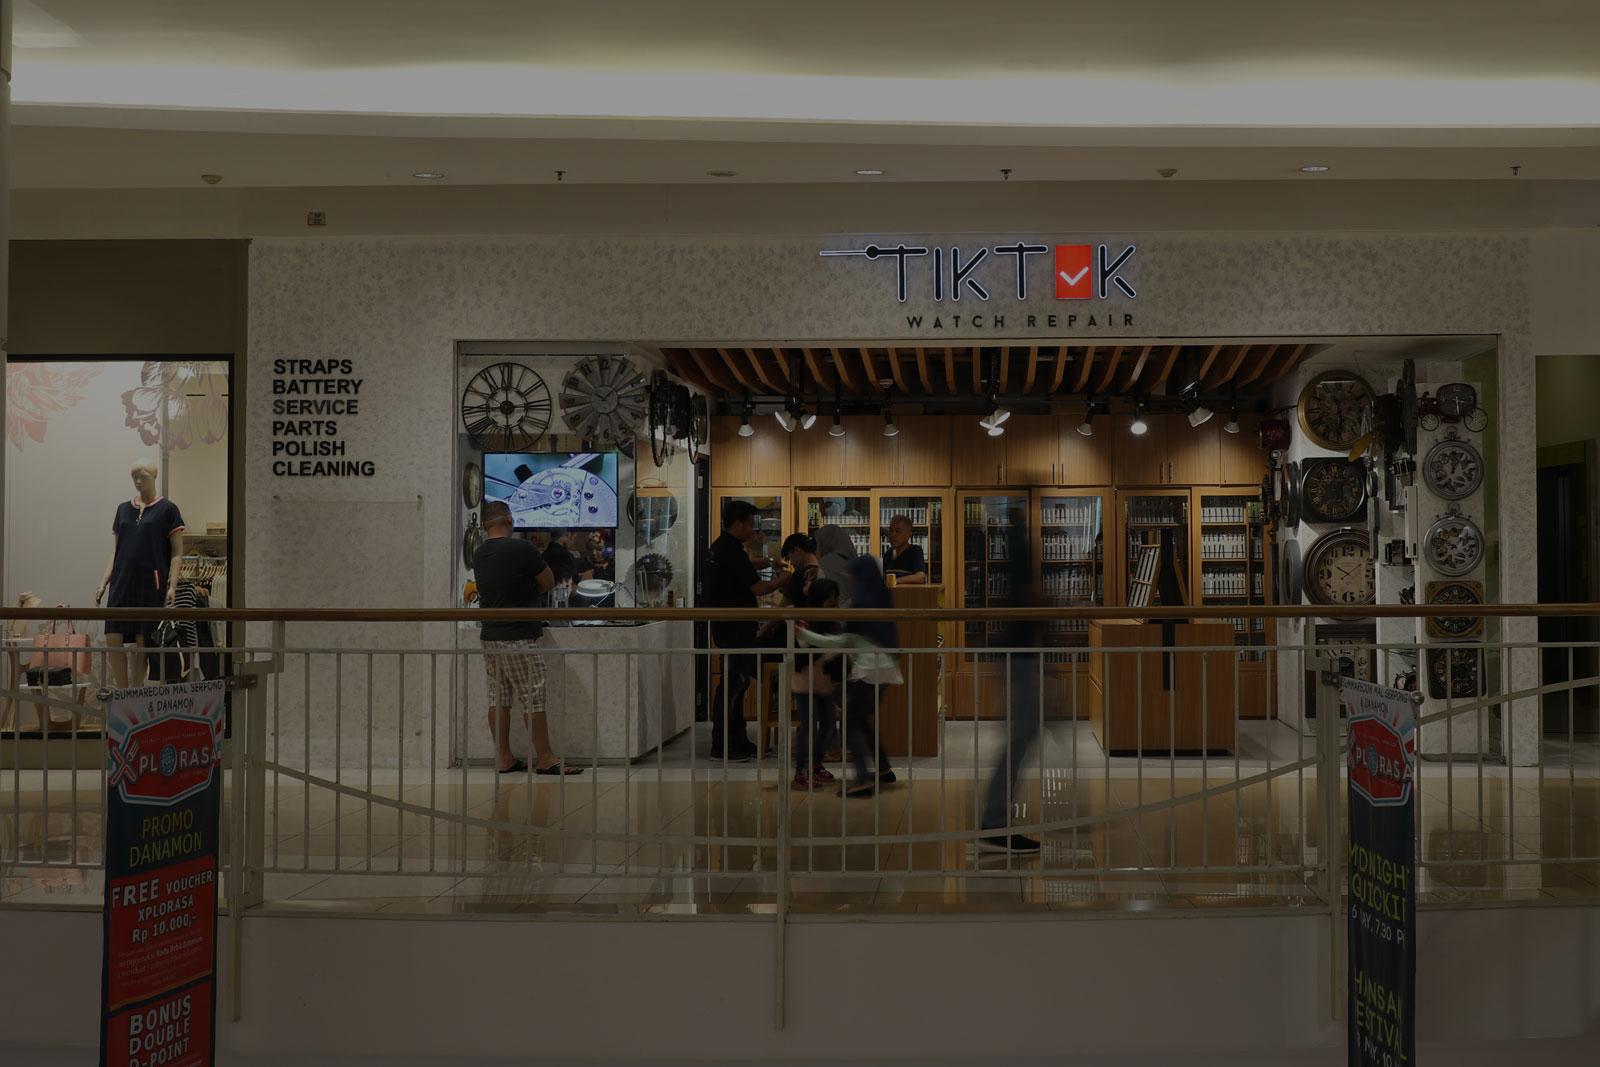 Tiktok Summarecon Mall Serpong